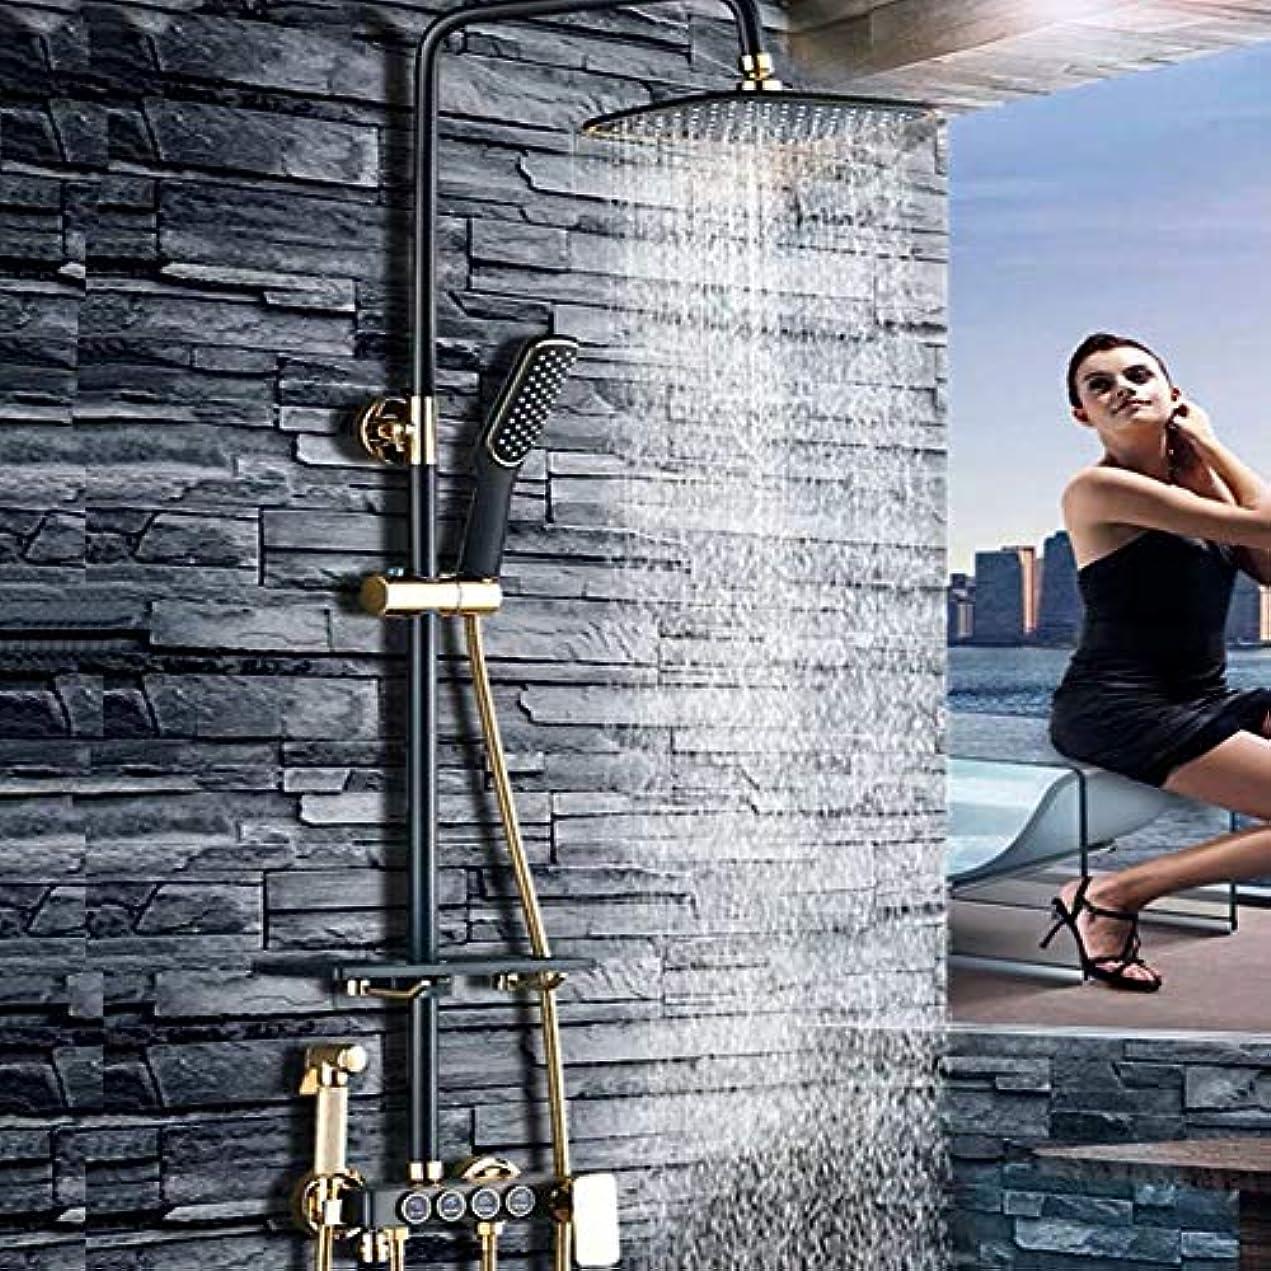 皮進捗警察ブラックシャワーシェルフシャワーセットサイズとセット/全銅の蛇口浴室のシャワーブースターシャワーヘッド/ファイン銅のテーマ:* 900ミリメートル340 浴室用設備